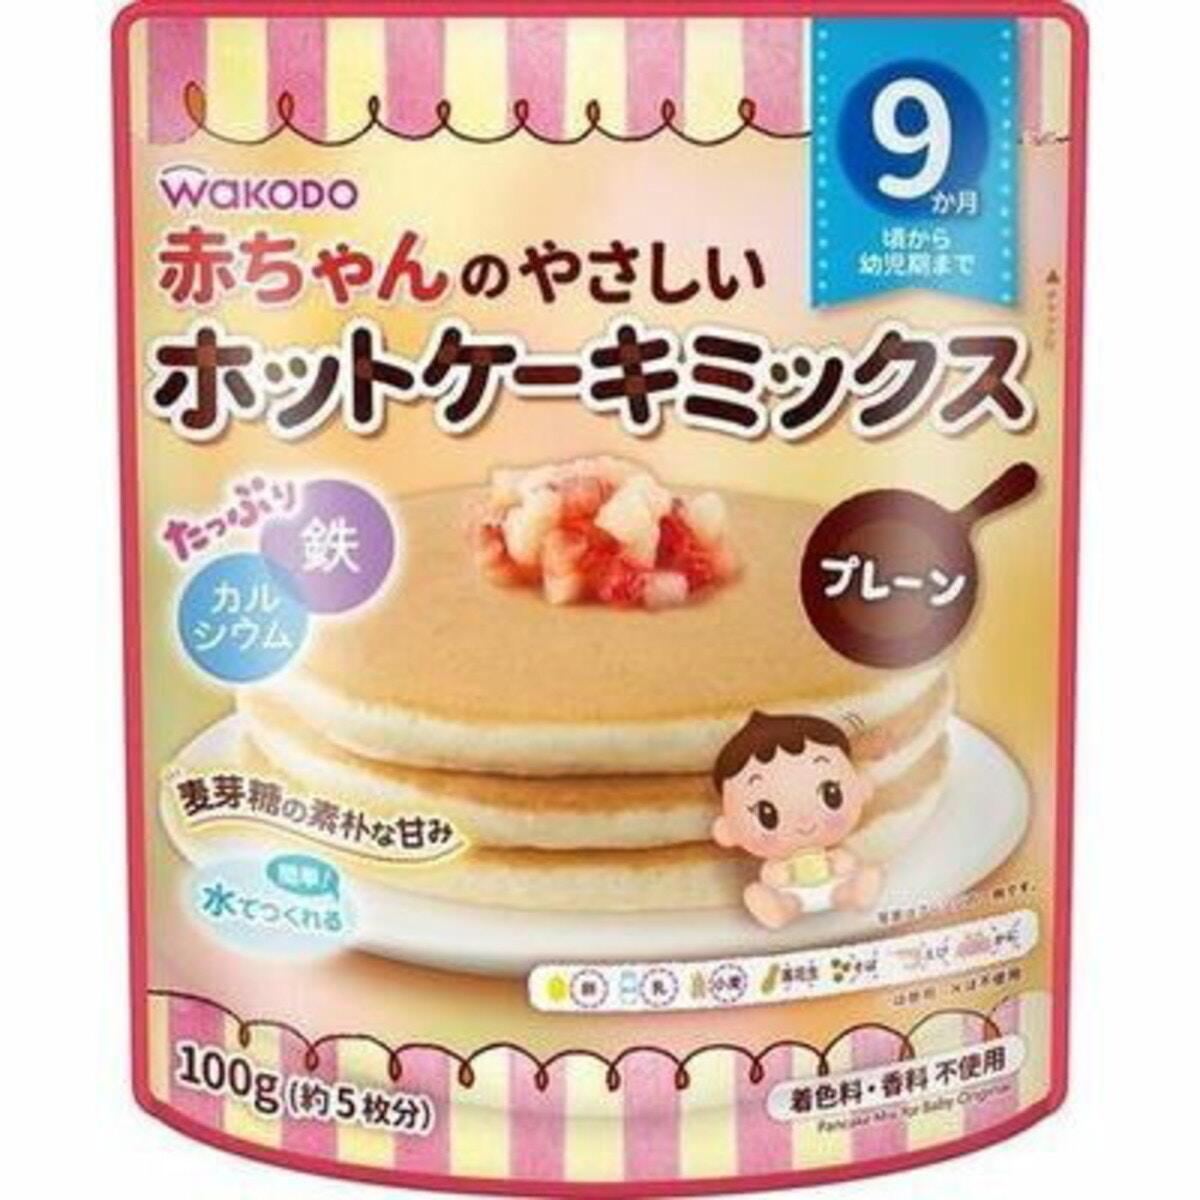 赤ちゃんのやさしいホットケーキミックスプレーン(100g)